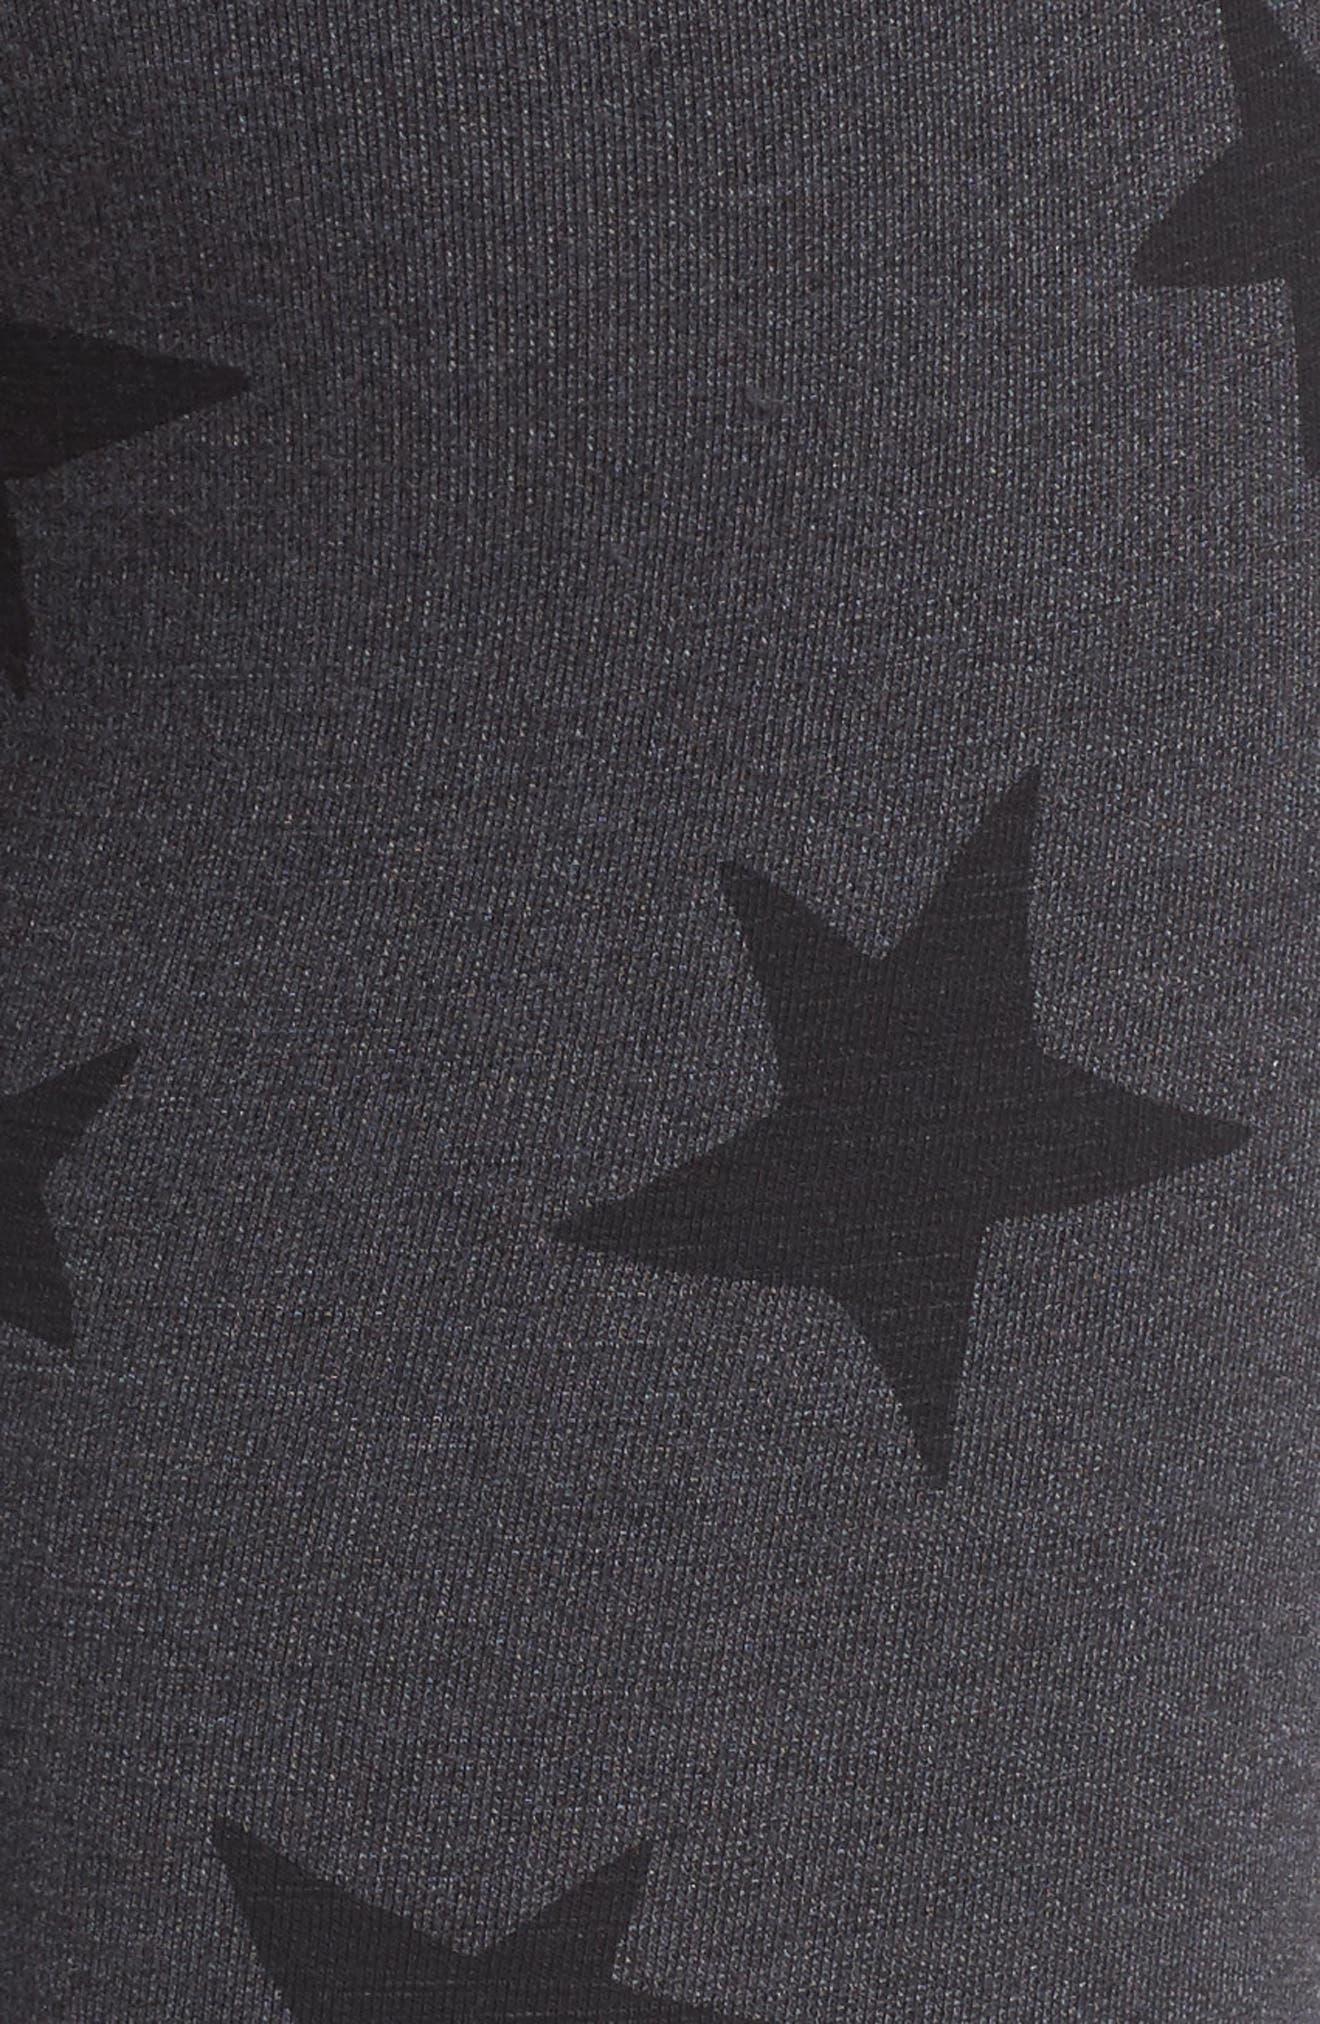 Stripe Star Leggings,                             Alternate thumbnail 5, color,                             Soft Black